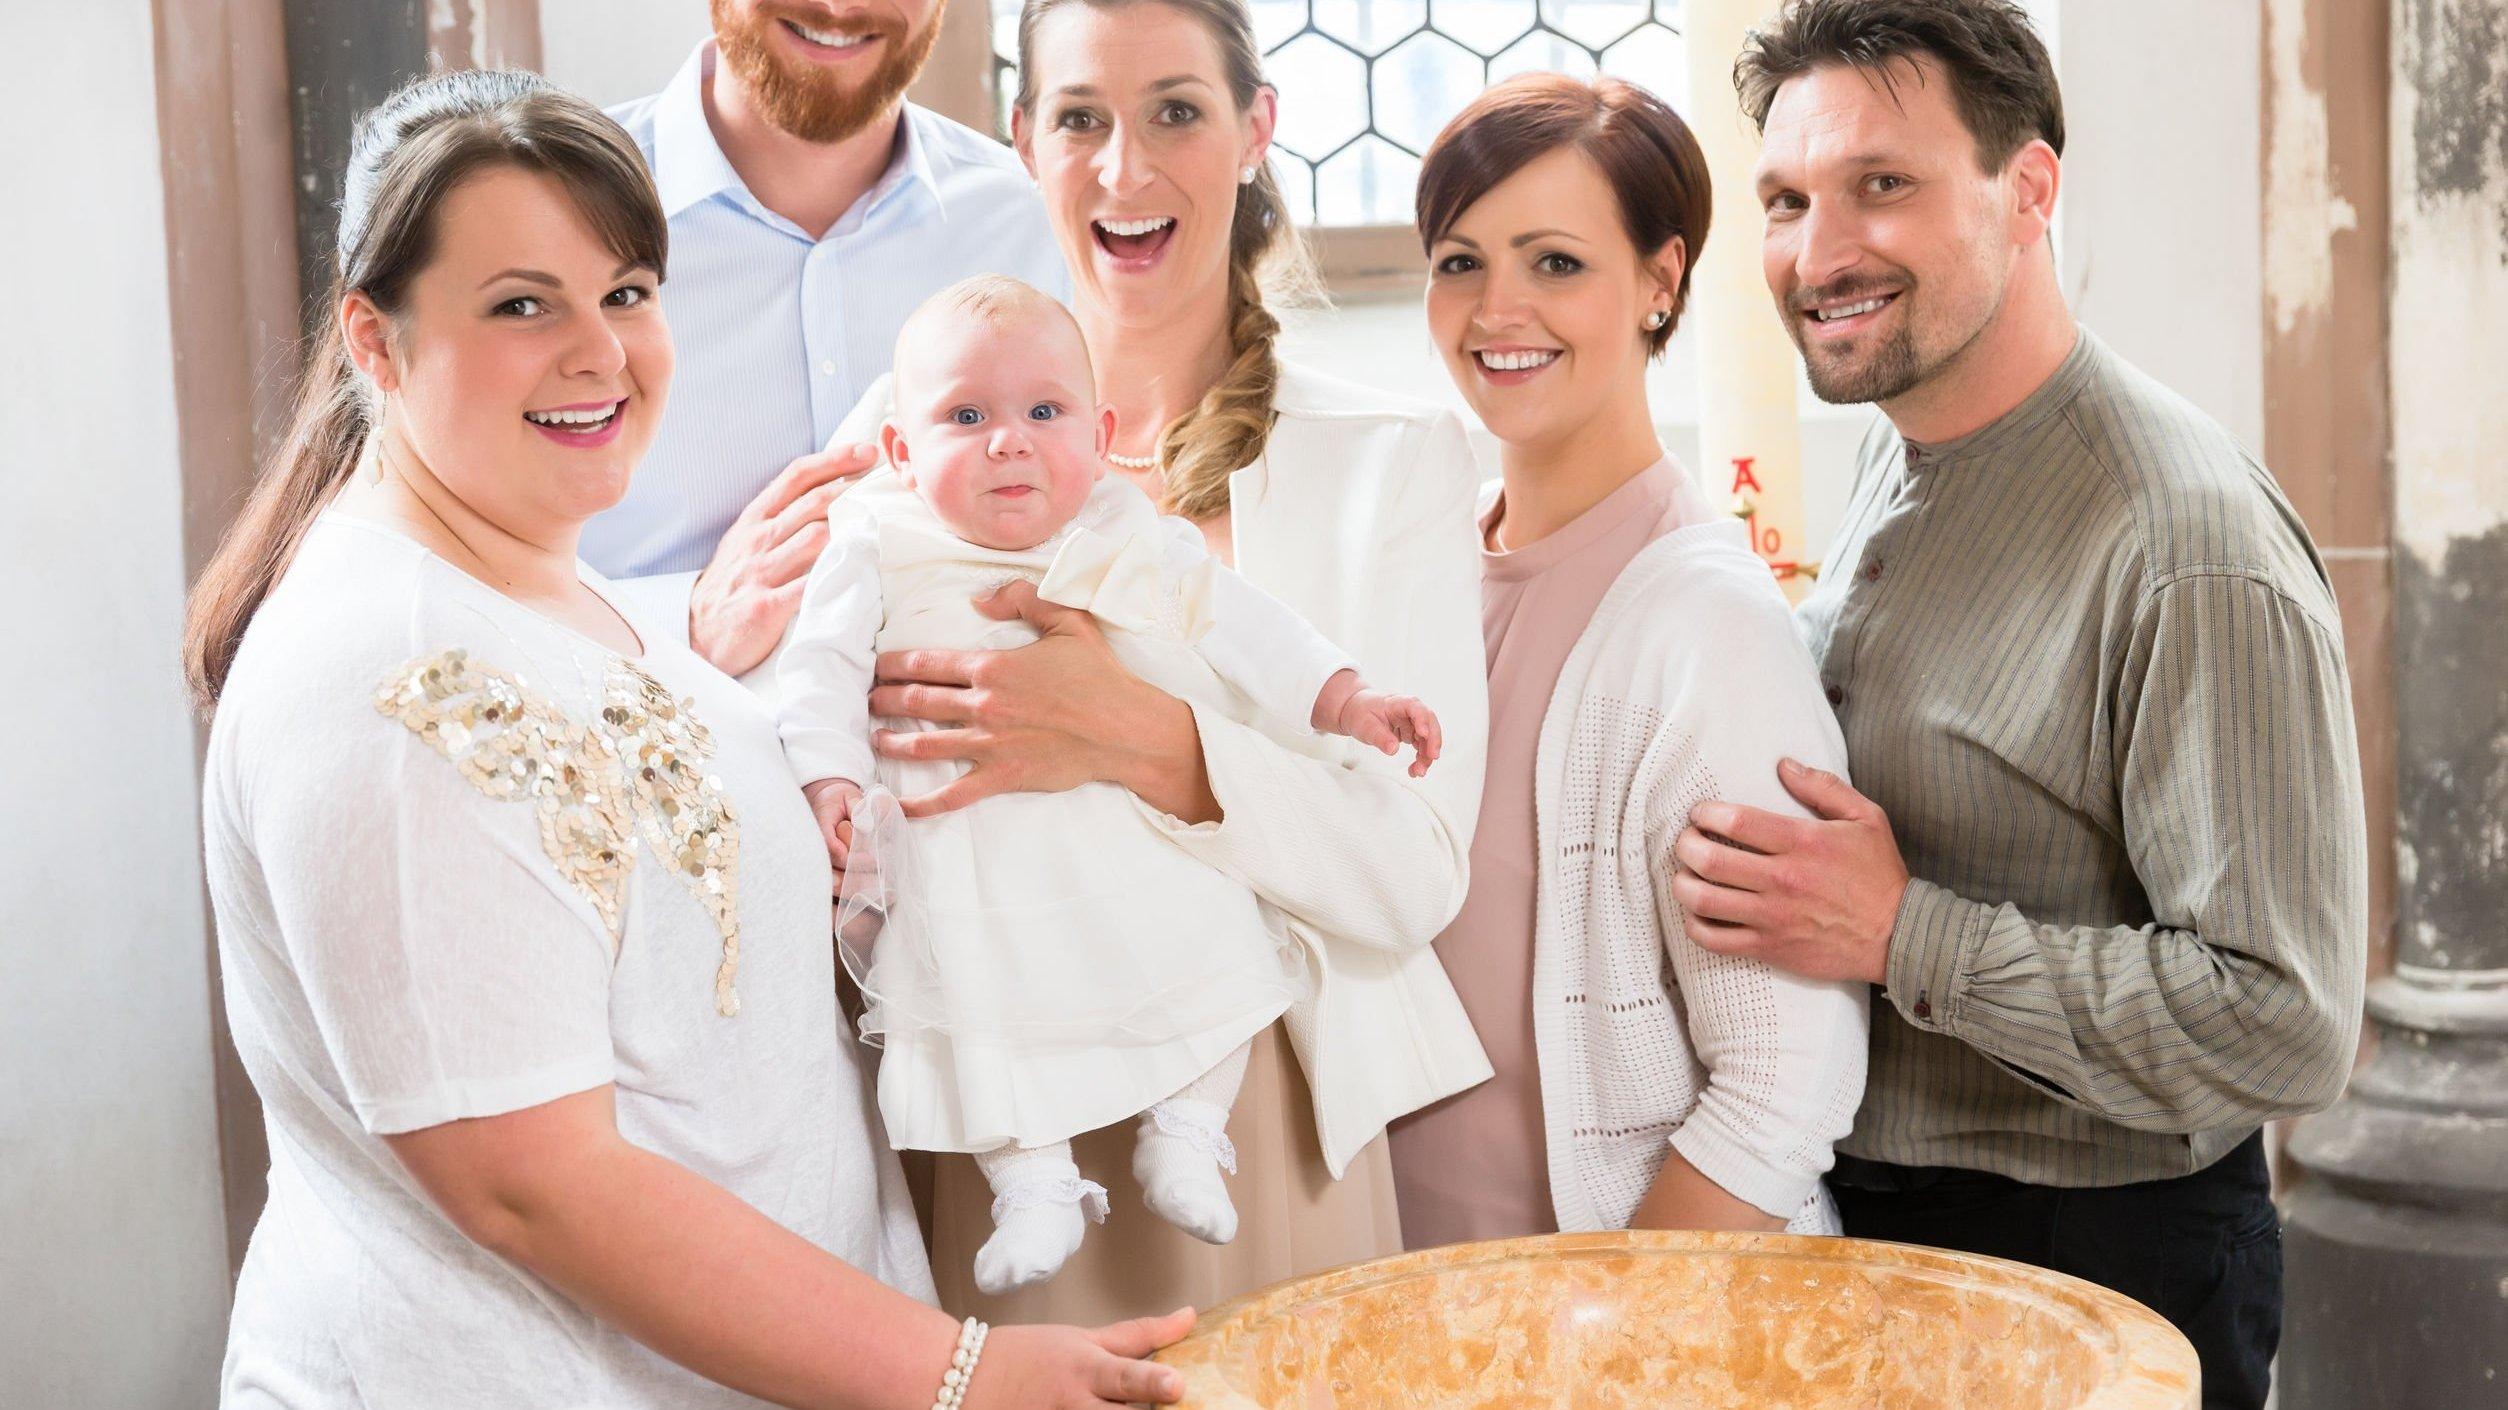 Família sorrindo em batismo. Madrinha segurando neném.